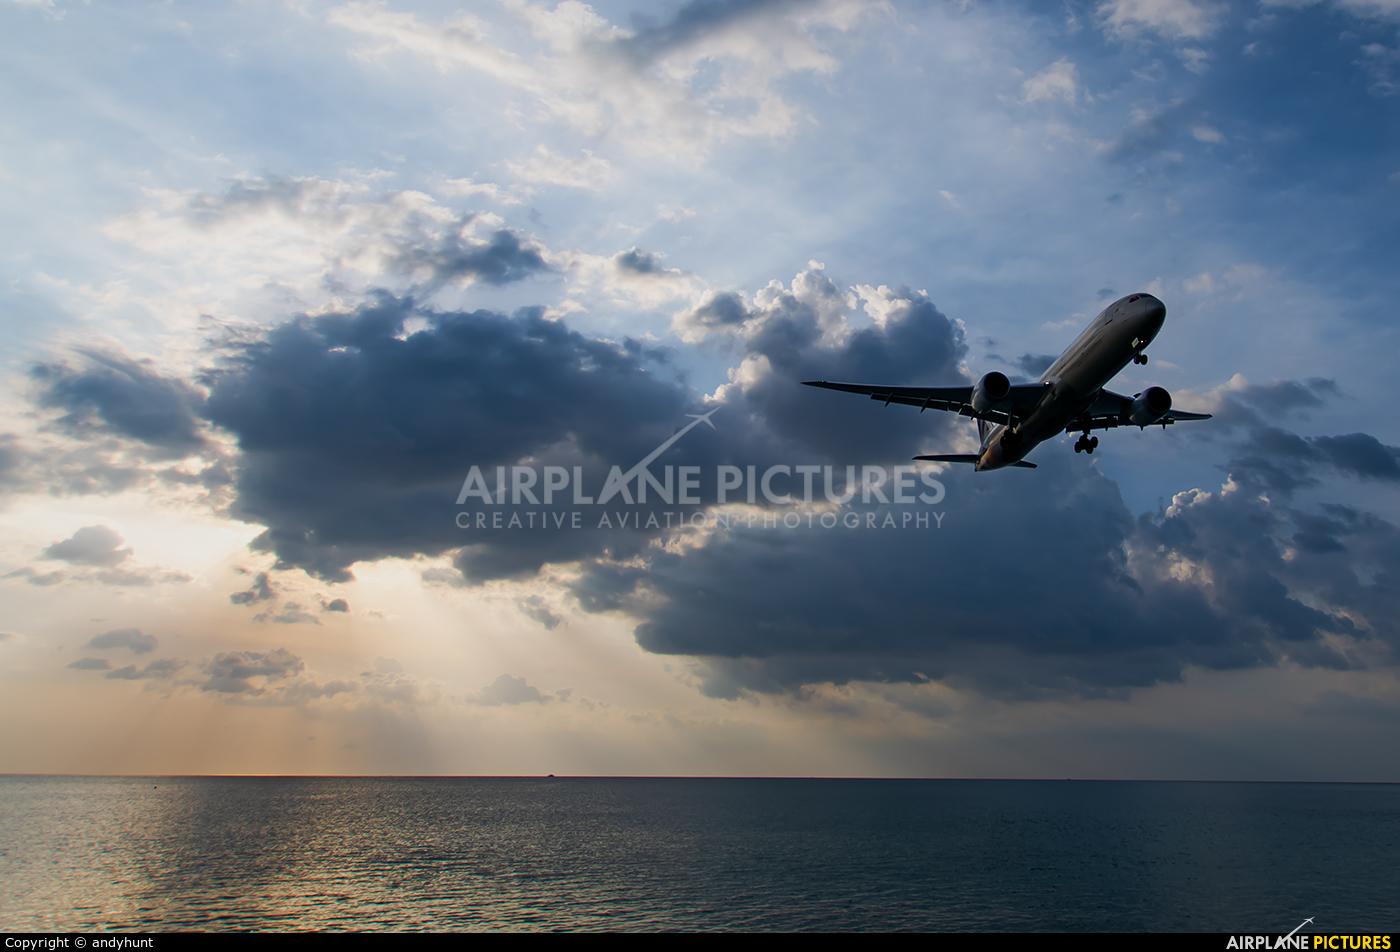 Etihad Airways A6-BLN aircraft at Phuket